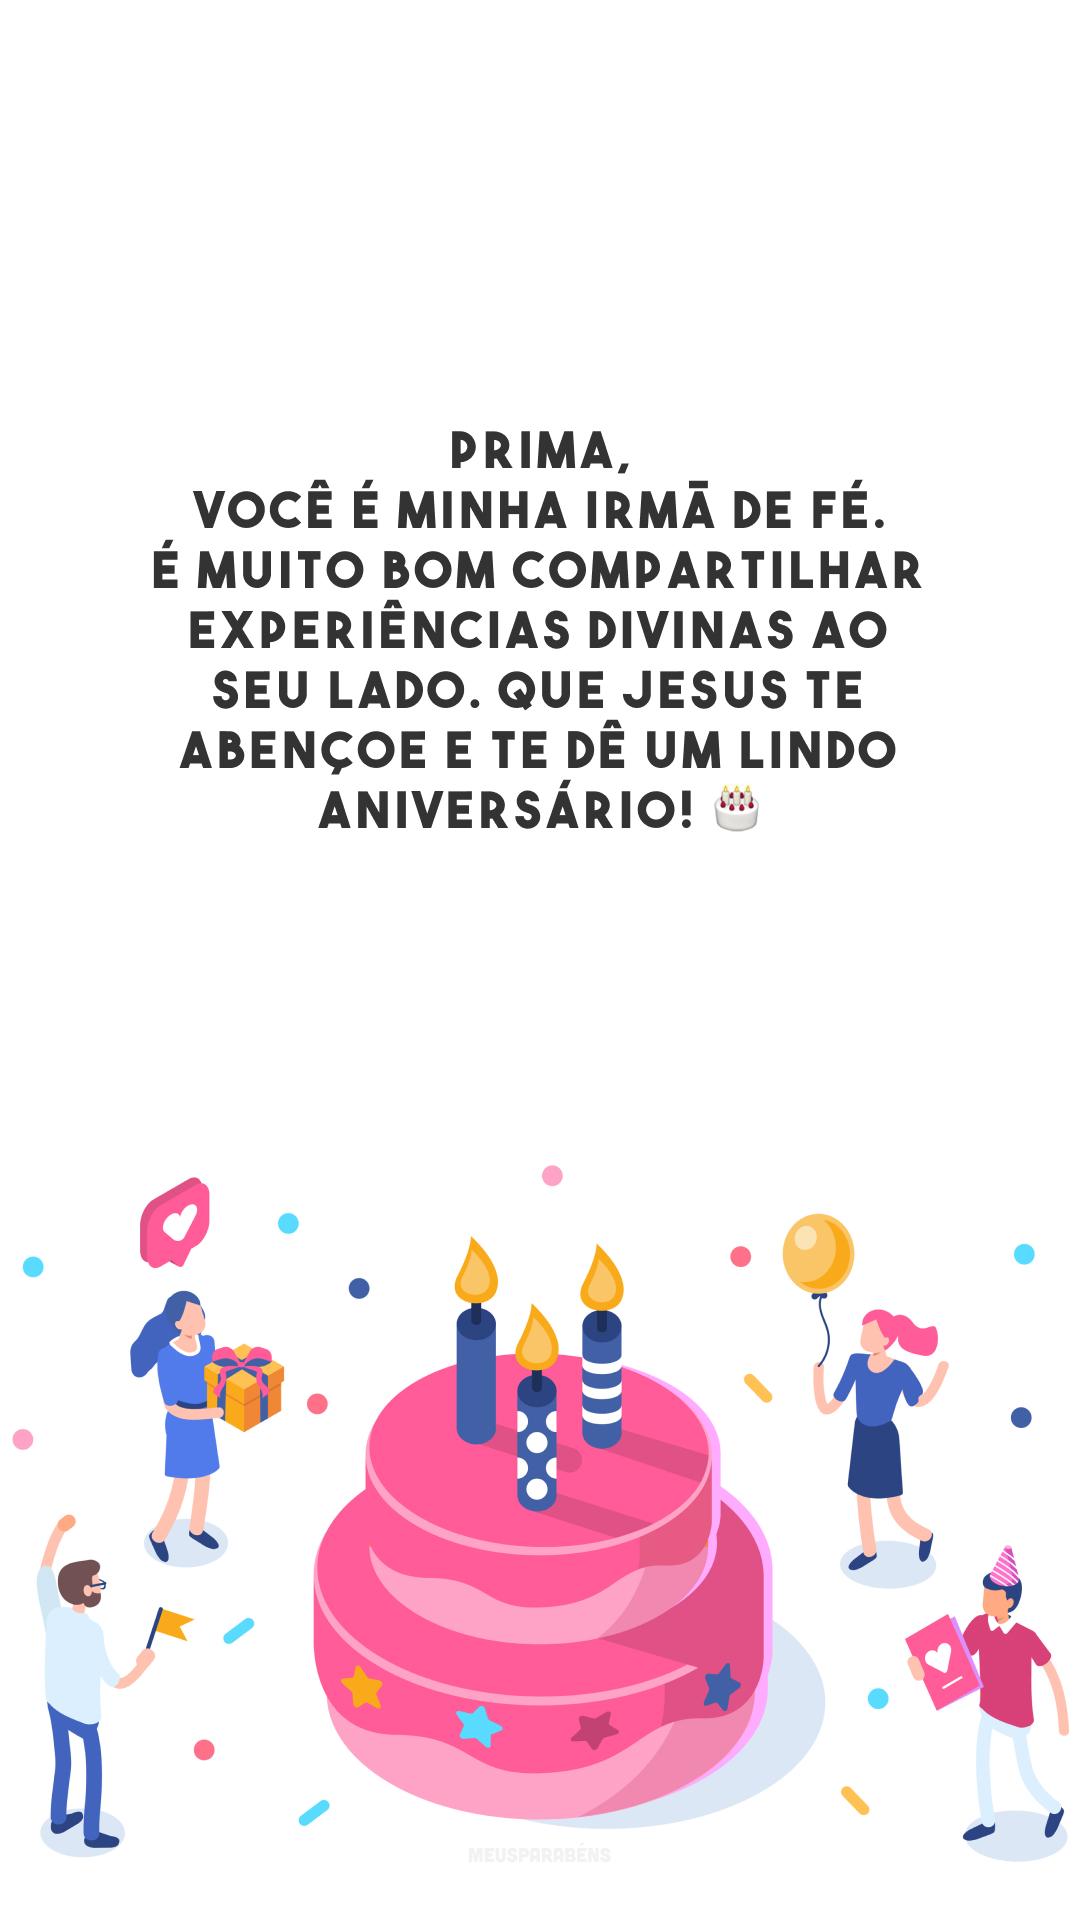 Prima, você é minha irmã de fé. É muito bom compartilhar experiências divinas ao seu lado. Que Jesus te abençoe e te dê um lindo aniversário! 🎂